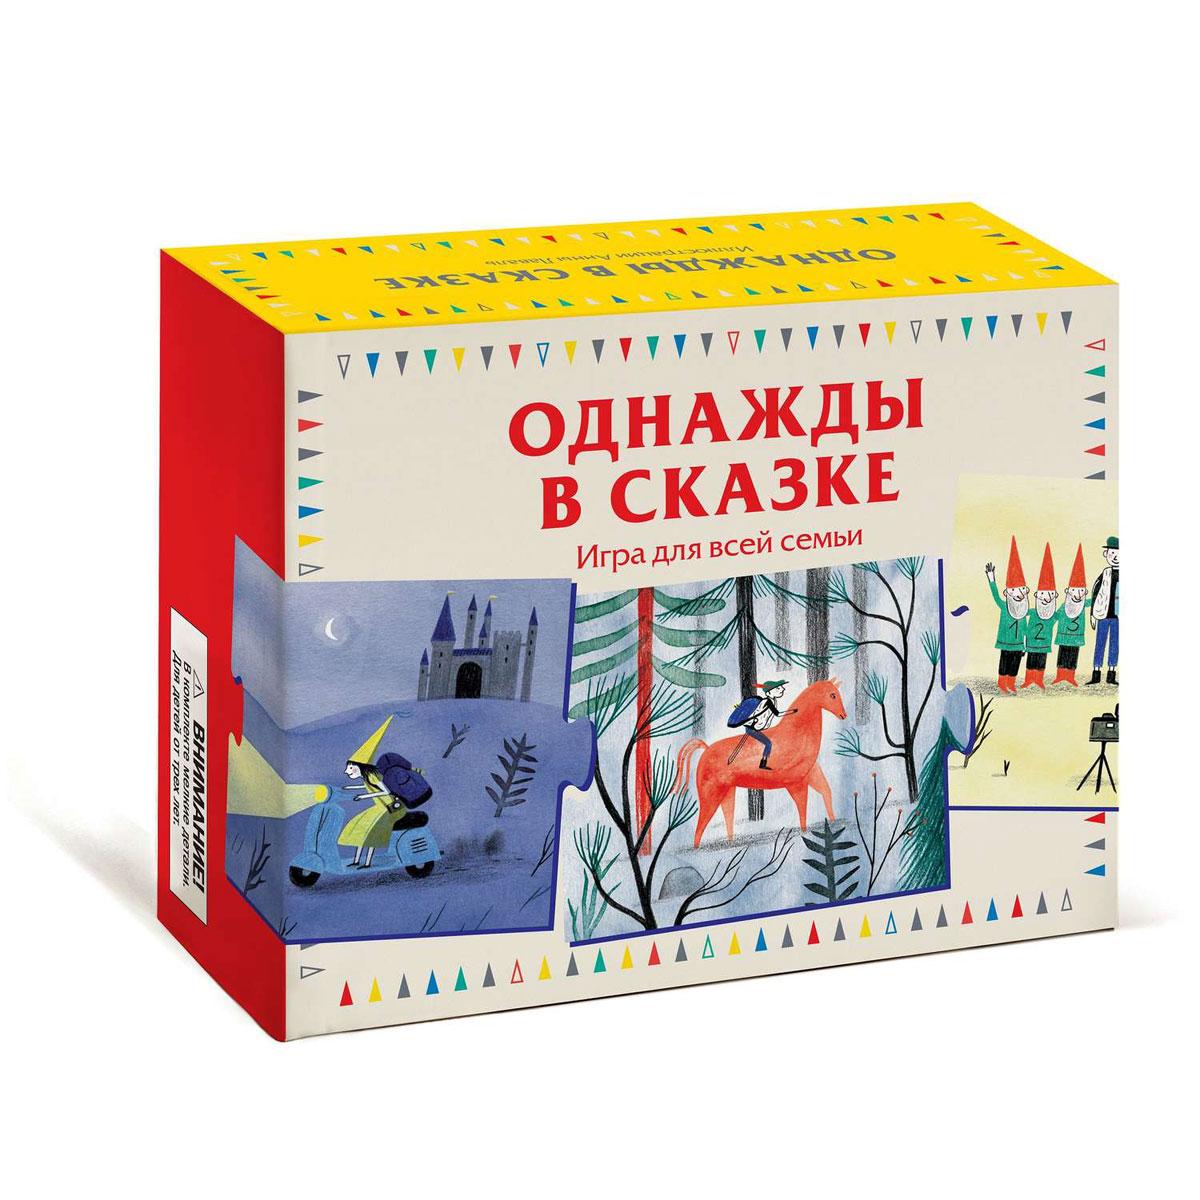 Учебник по литературе 2 класс кубасова читать онлайн